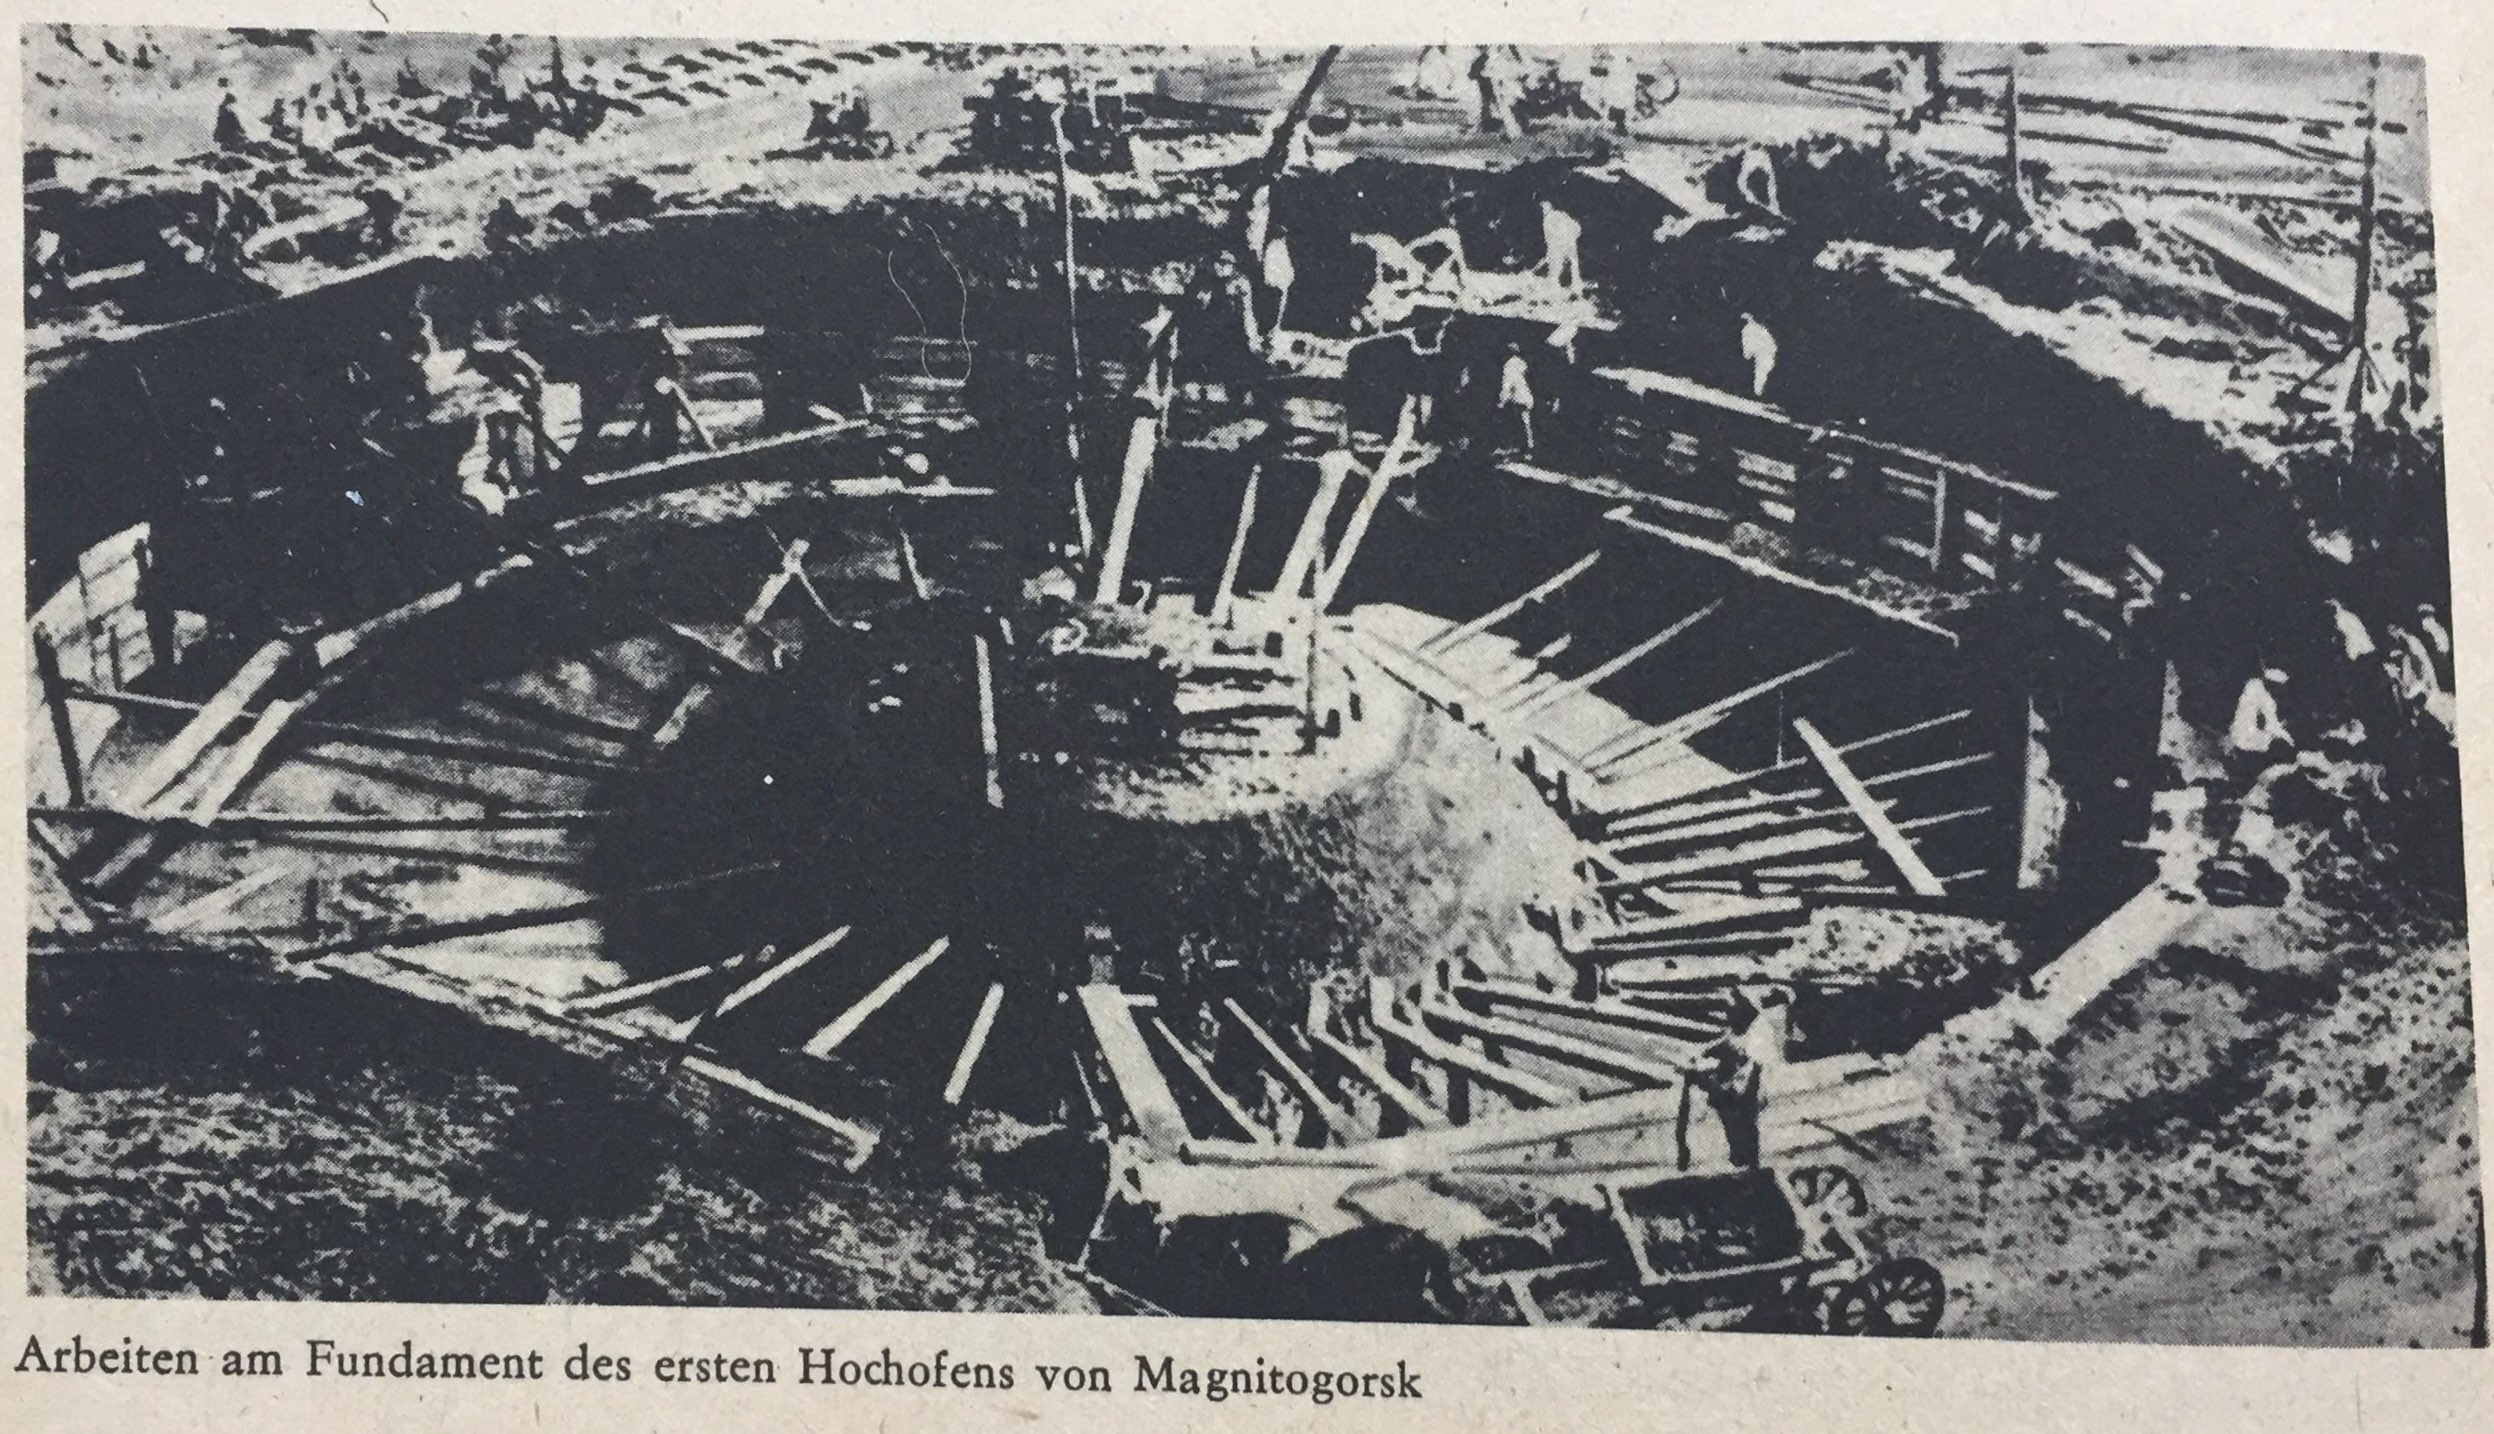 Arbeiten am Fundament des ersten Hochofens